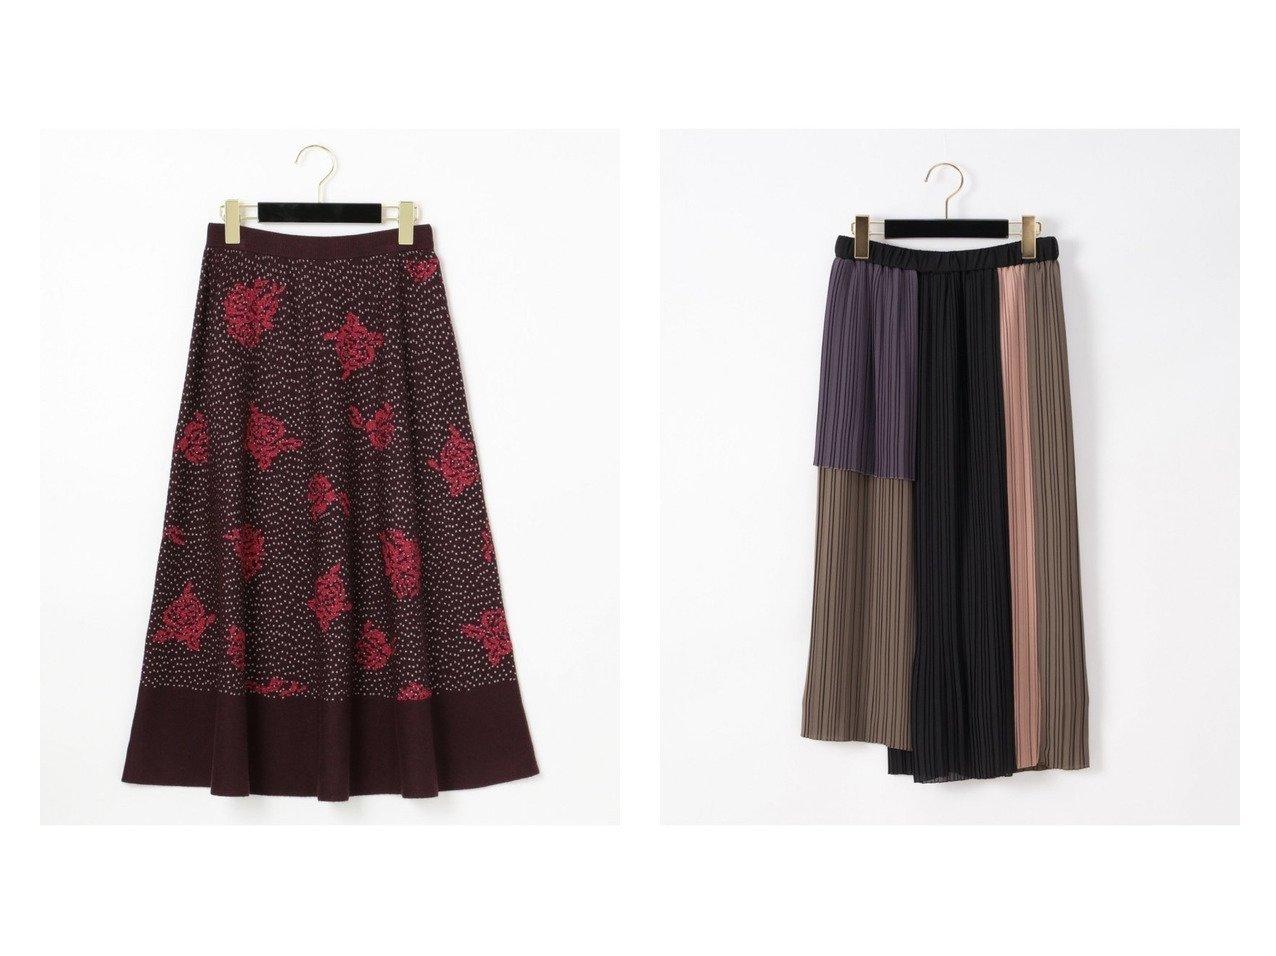 【GRACE CONTINENTAL/グレース コンチネンタル】のタイトプリーツスカート&ローズ刺繍ニットスカート スカートのおすすめ!人気、レディースファッションの通販 おすすめで人気のファッション通販商品 インテリア・家具・キッズファッション・メンズファッション・レディースファッション・服の通販 founy(ファニー) https://founy.com/ ファッション Fashion レディース WOMEN スカート Skirt プリーツスカート Pleated Skirts エレガント フレア ローズ ギャザー ジョーゼット ストレート トレンド プリーツ ロング 定番 |ID:crp329100000002722